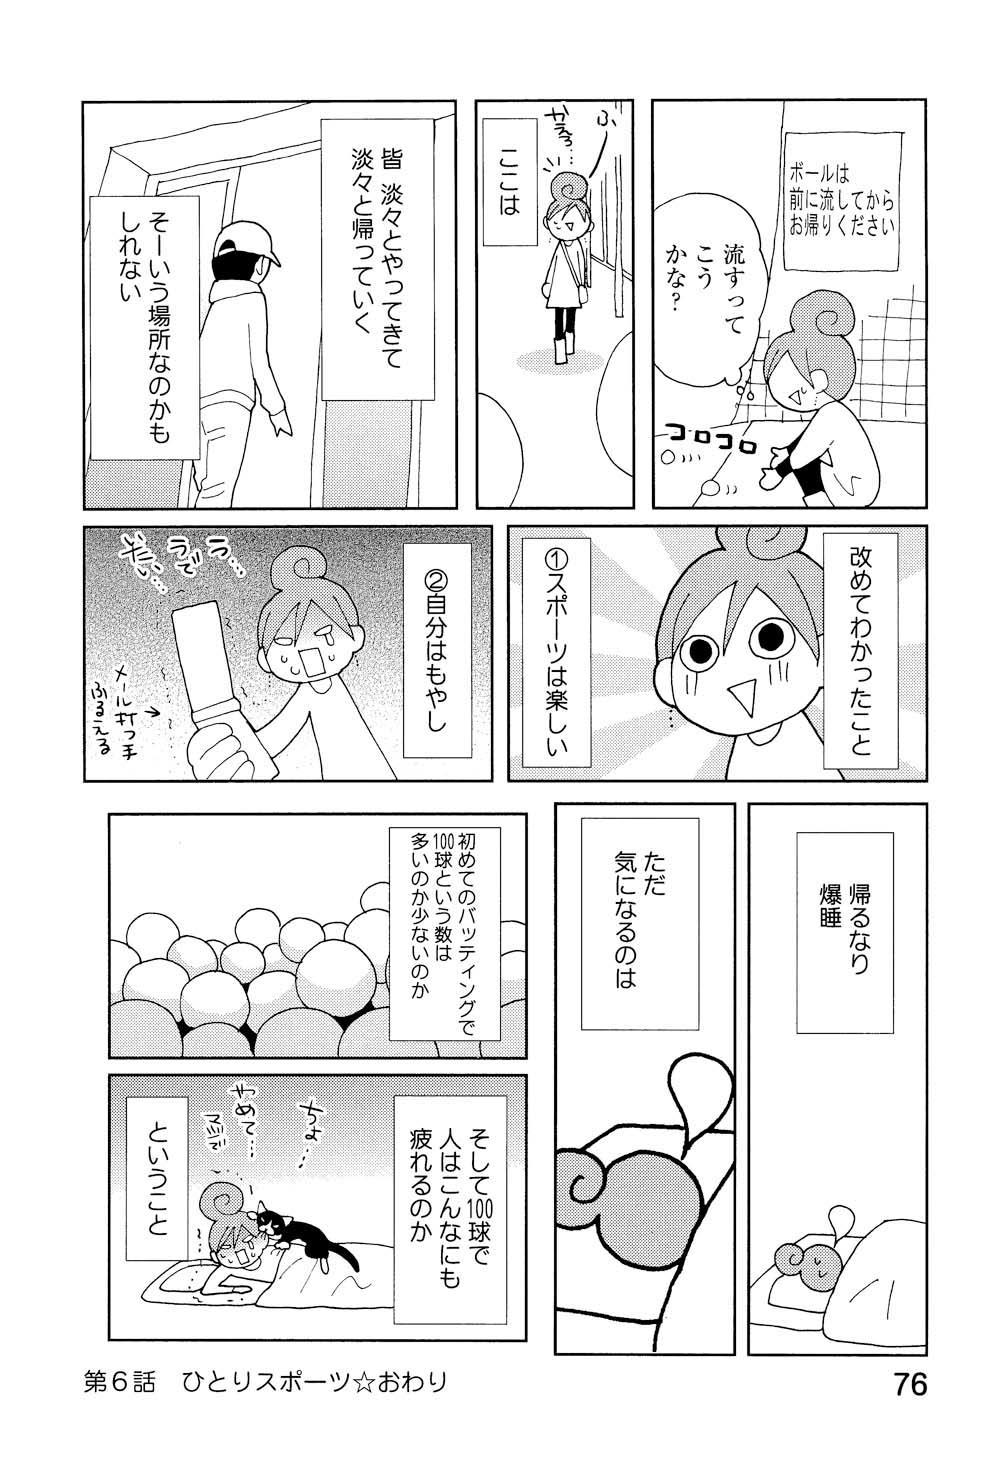 おひとりさま_077.jpg